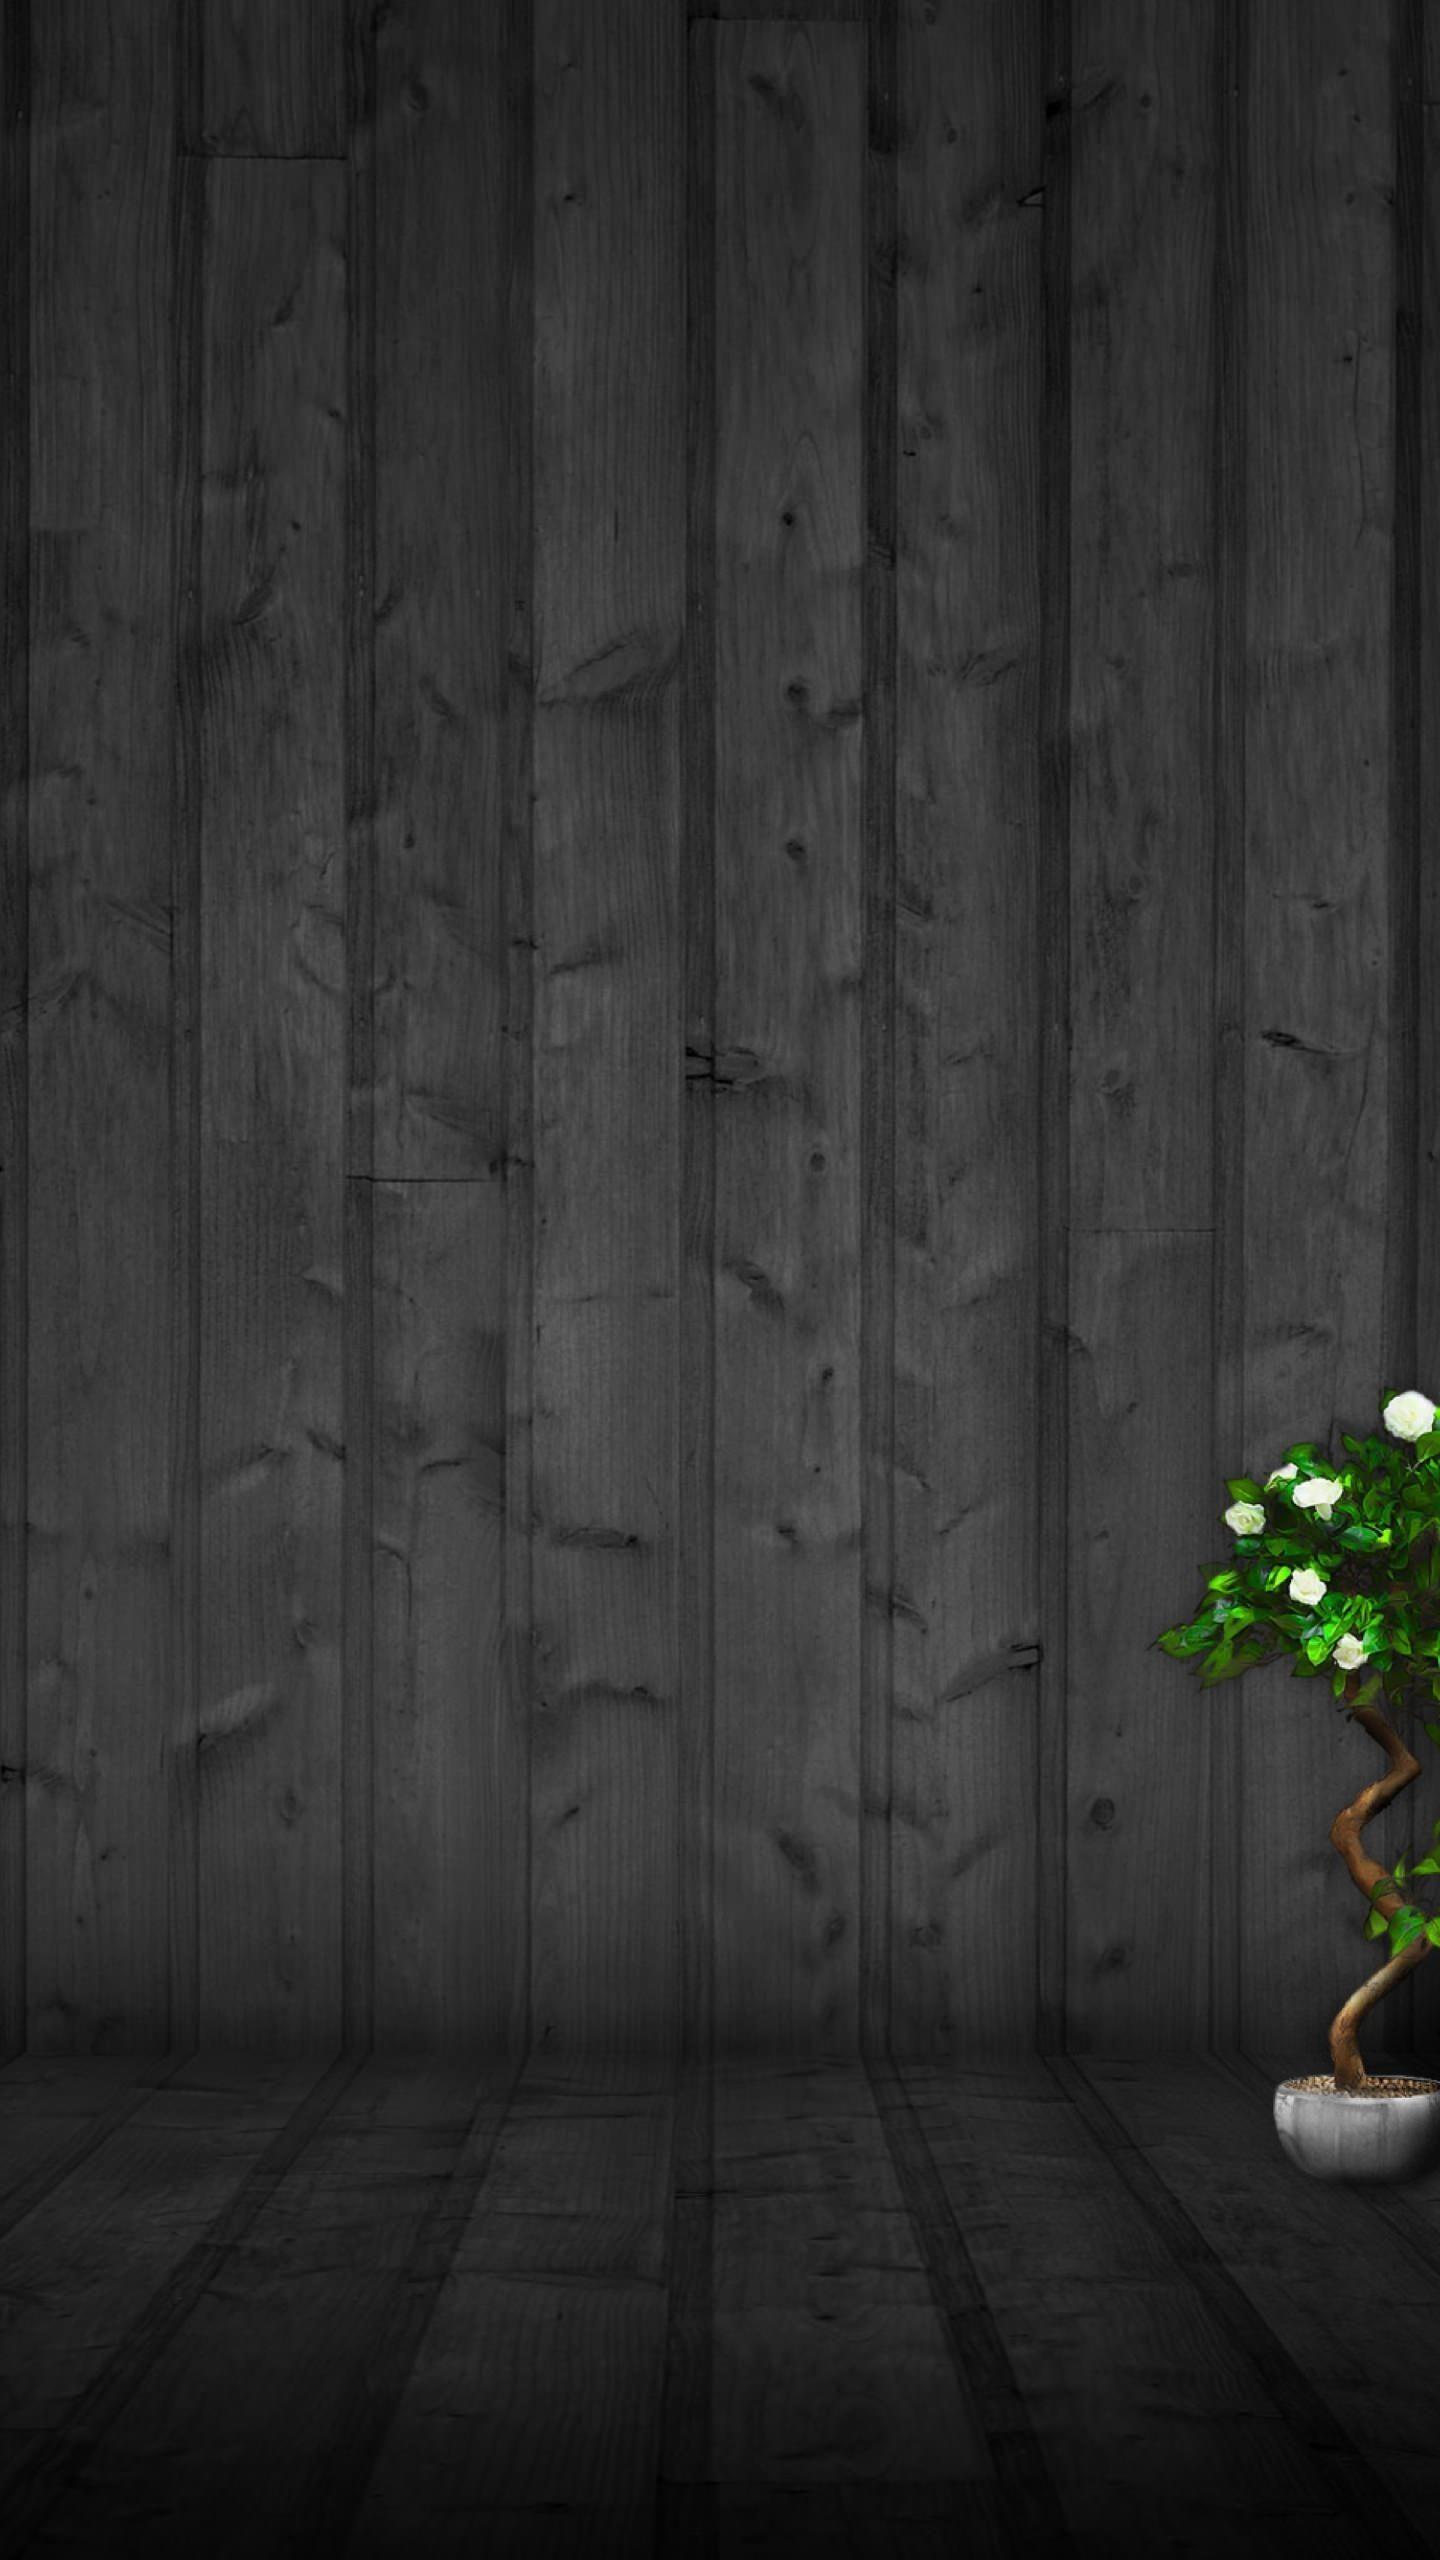 トップセレクション 黒 壁紙 スマホ 黒壁紙 壁紙 壁紙 赤